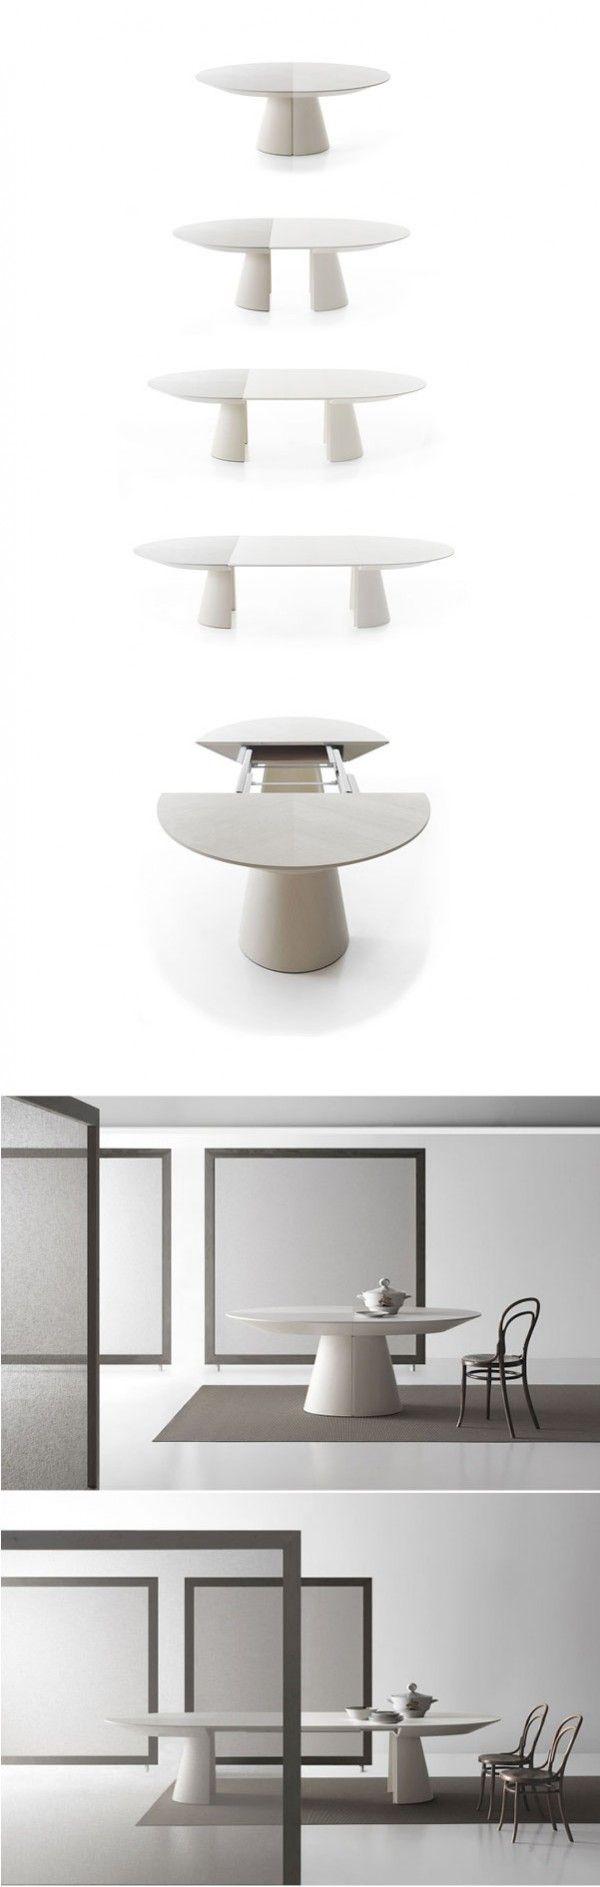 17 meilleures id es propos de table console extensible sur pinterest cons - Solde table a manger ...